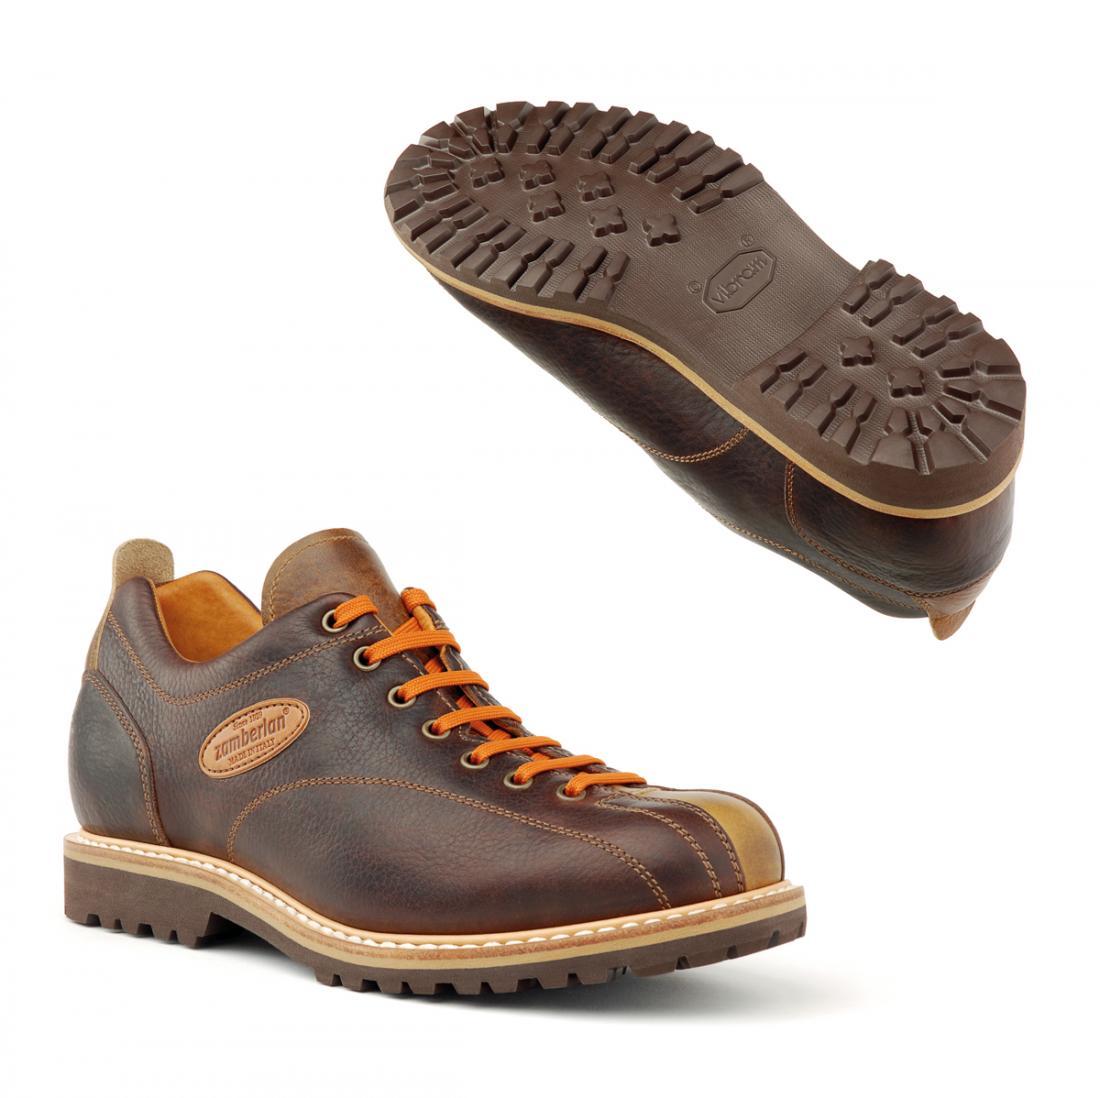 Ботинки 1120 CORTINA LOW GWАльпинистские<br>Современные классические ботинки в городском стиле, созданные вручную мастерами Италии с применением специального метода конструкции Go...<br><br>Цвет: None<br>Размер: None